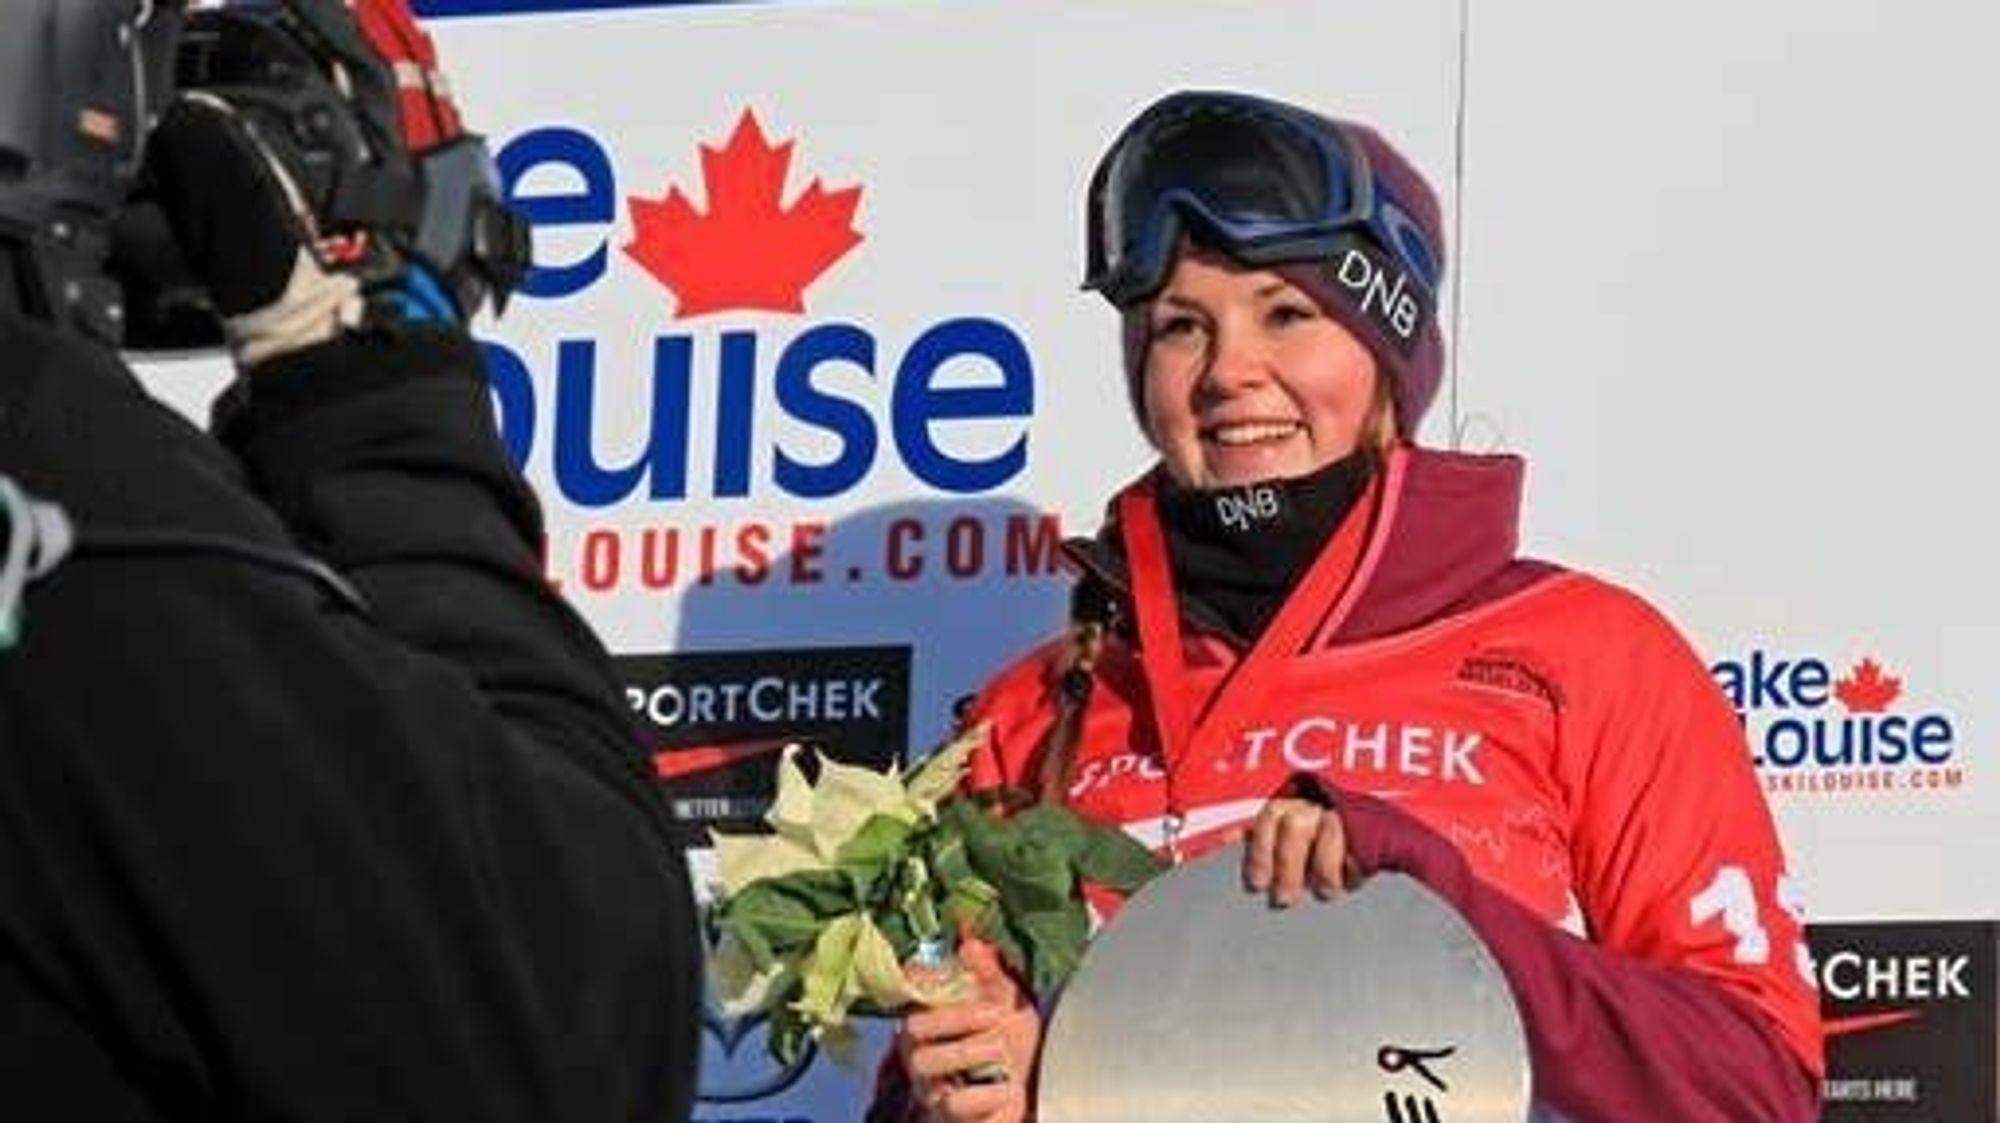 MERITTERT: Mang en gang har Helene Olafsen stått på toppen av pallen.